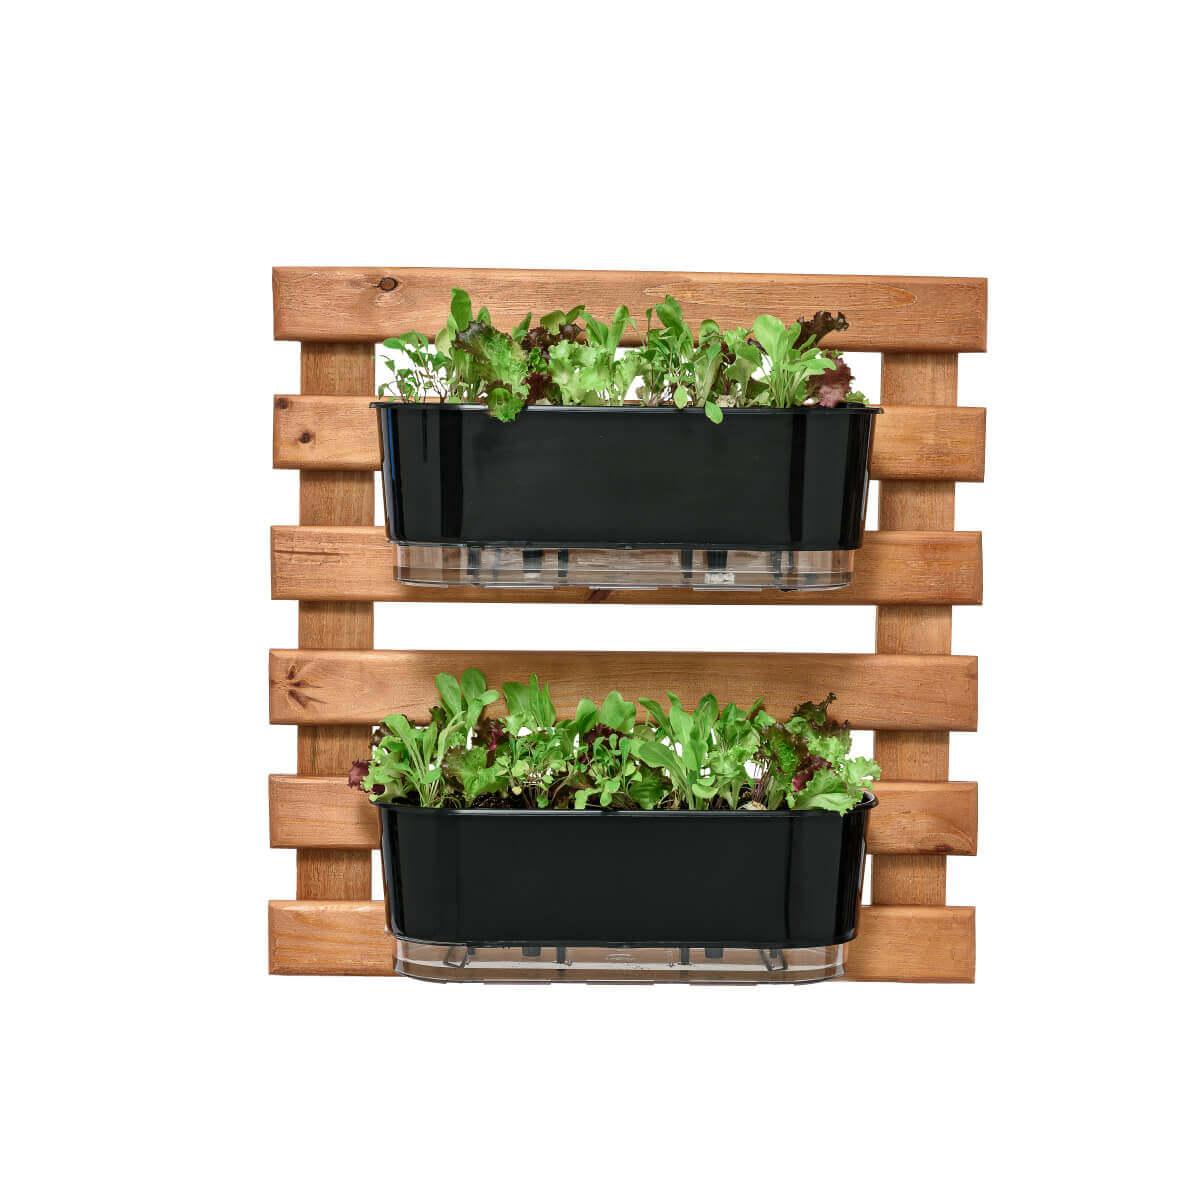 Horta Vertical Caramelo 60cm x 60cm com 2 Jardineiras  - Loja Raiz